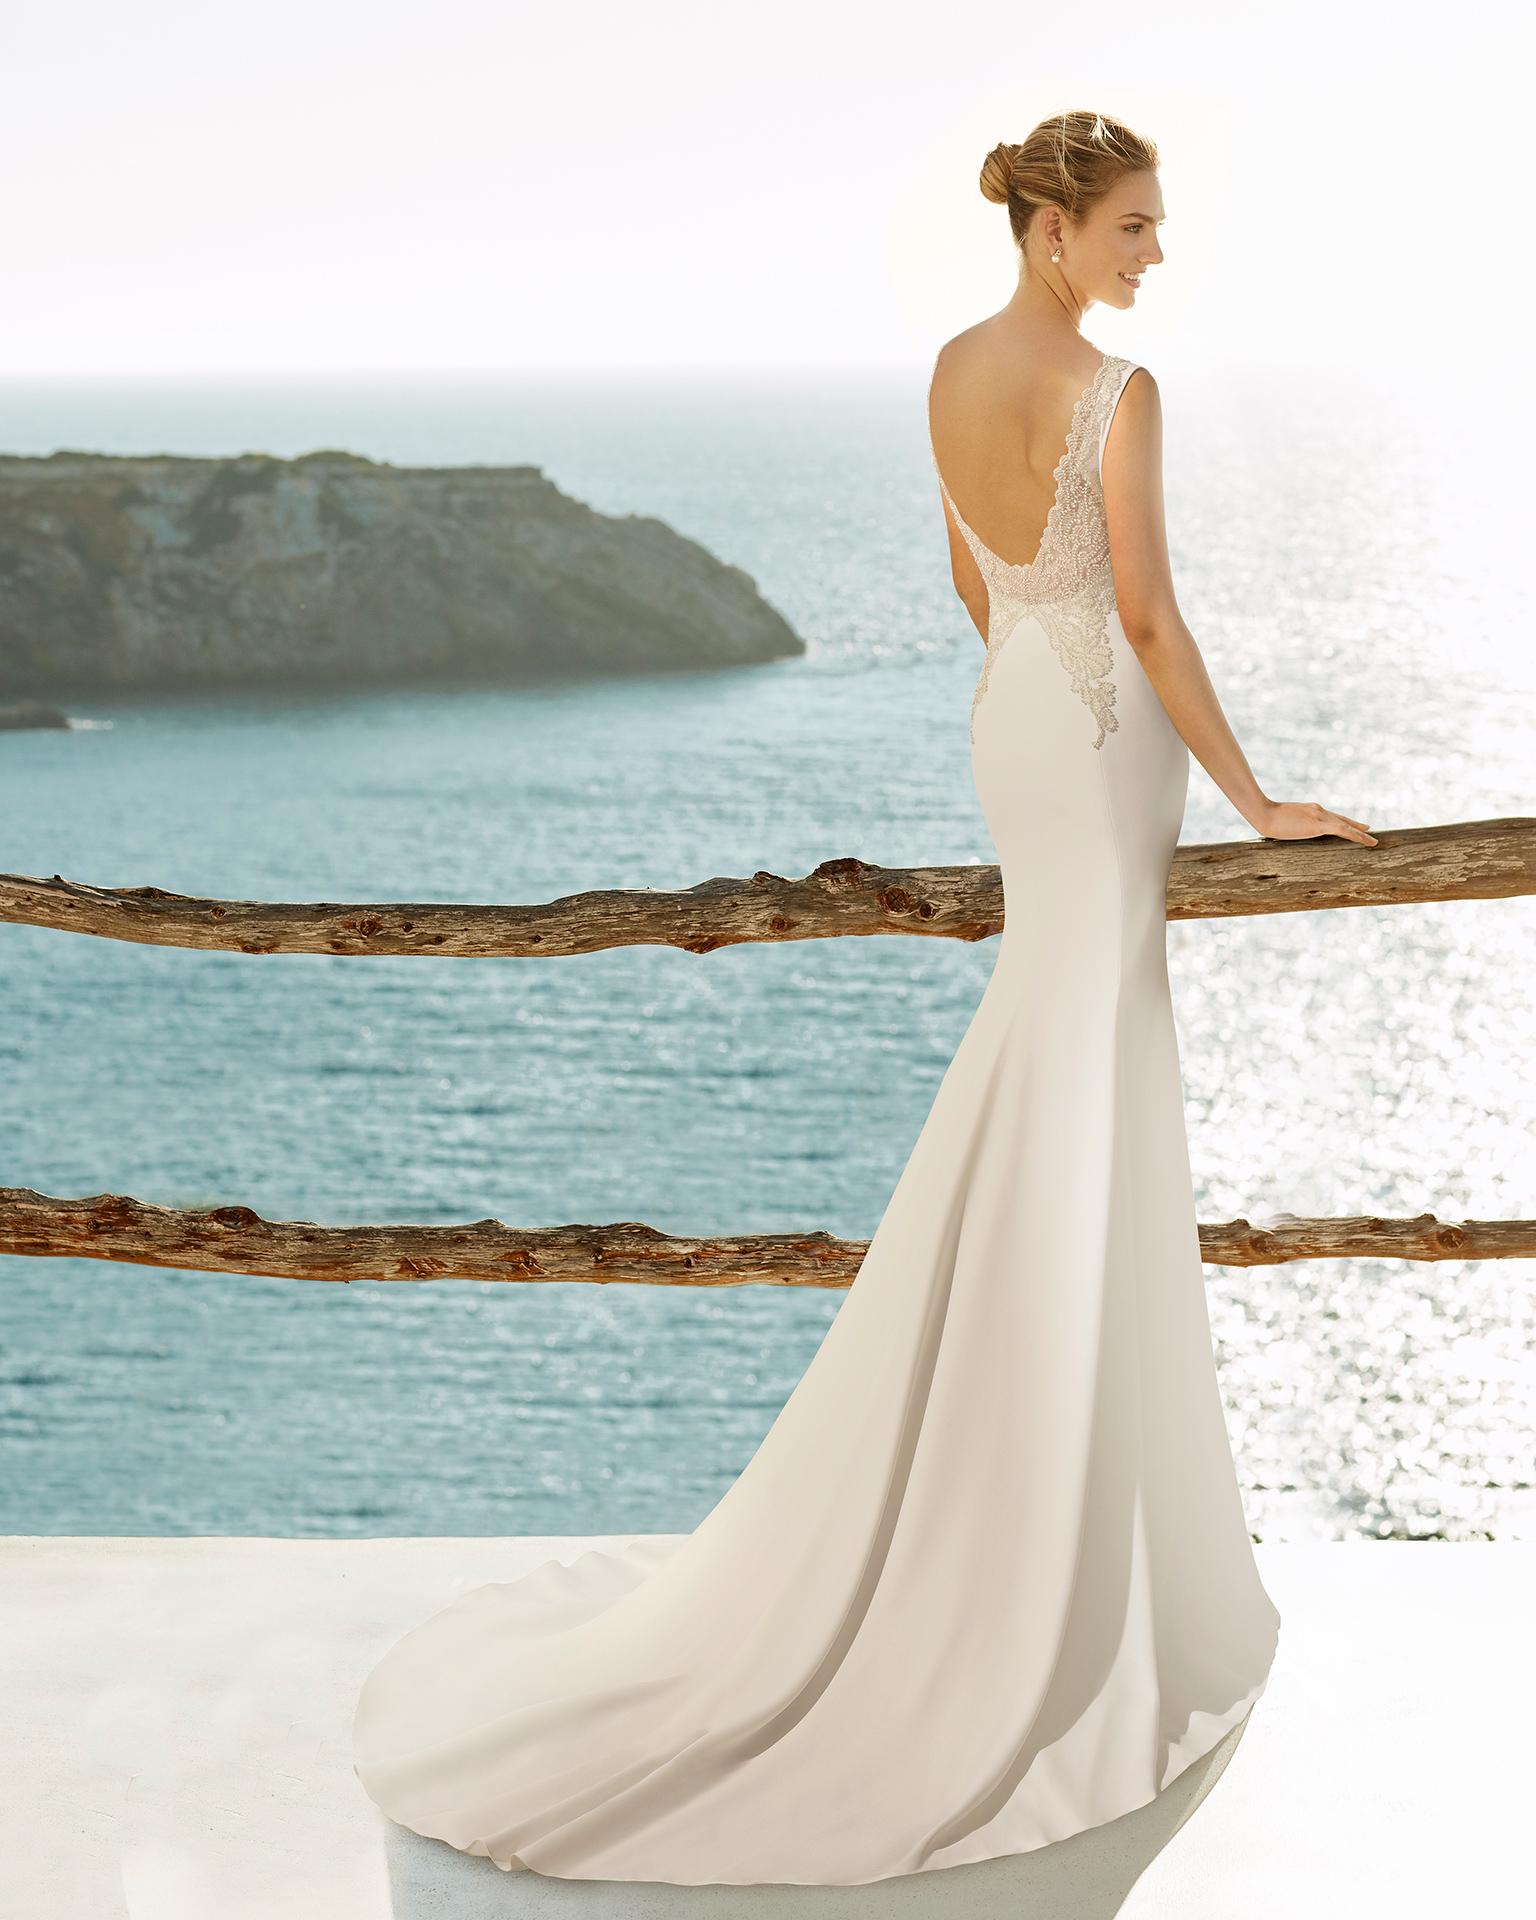 Vestido de novia estilo sirena en crepe y espalda escotada, con adorno de pedrería.